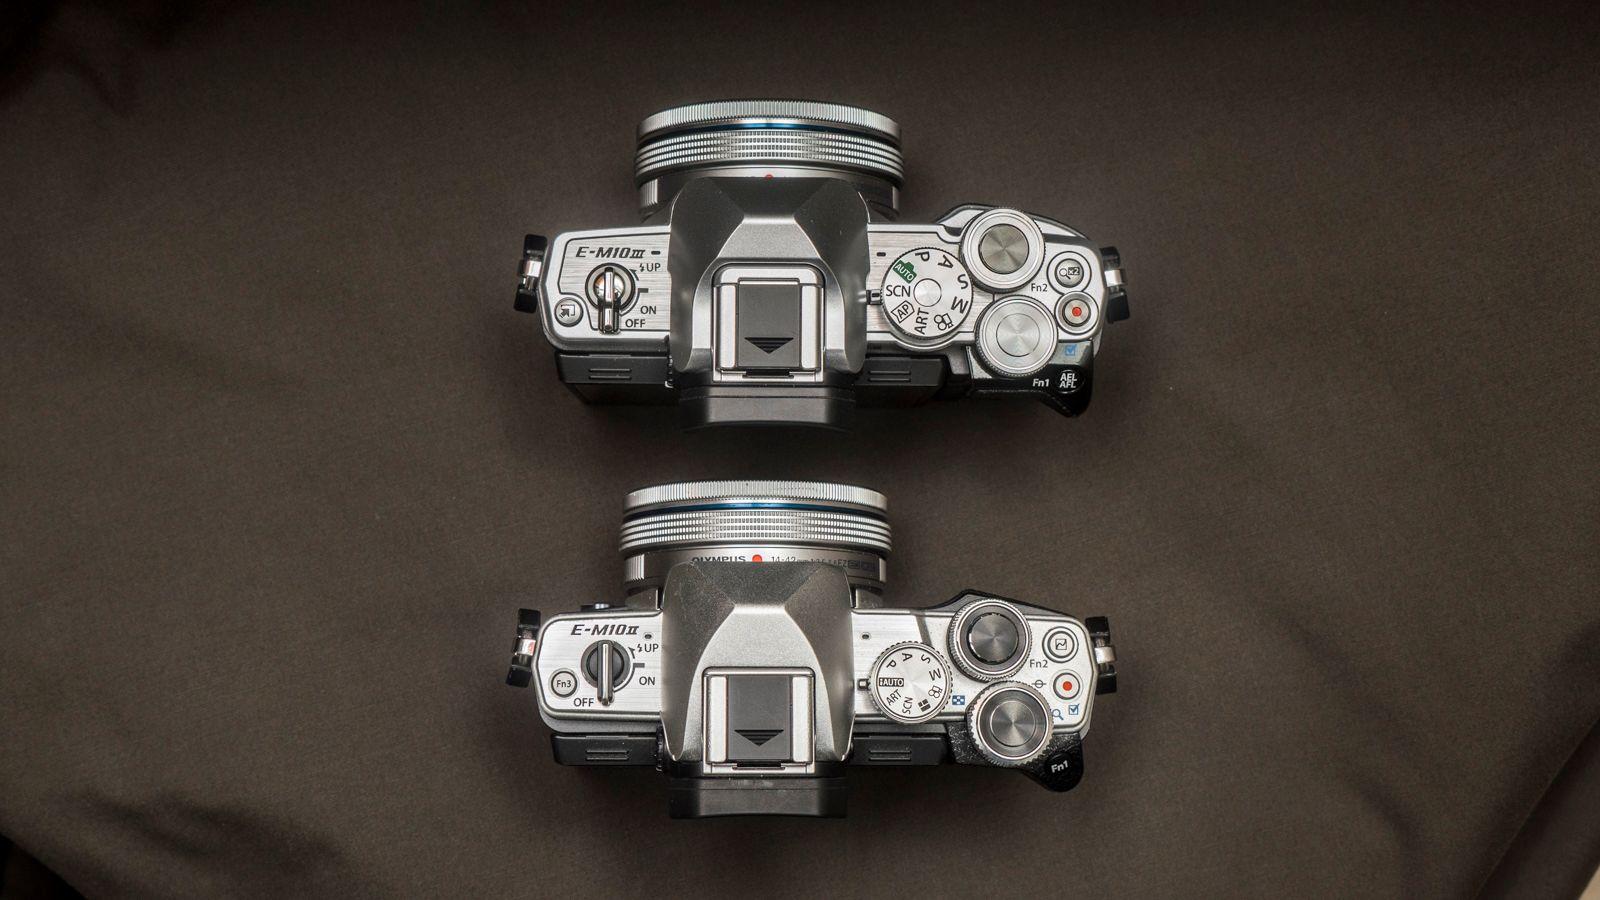 OM-D E-M10 III øverst, og E-M10 II nederst. Bilde: Kristoffer Møllevik